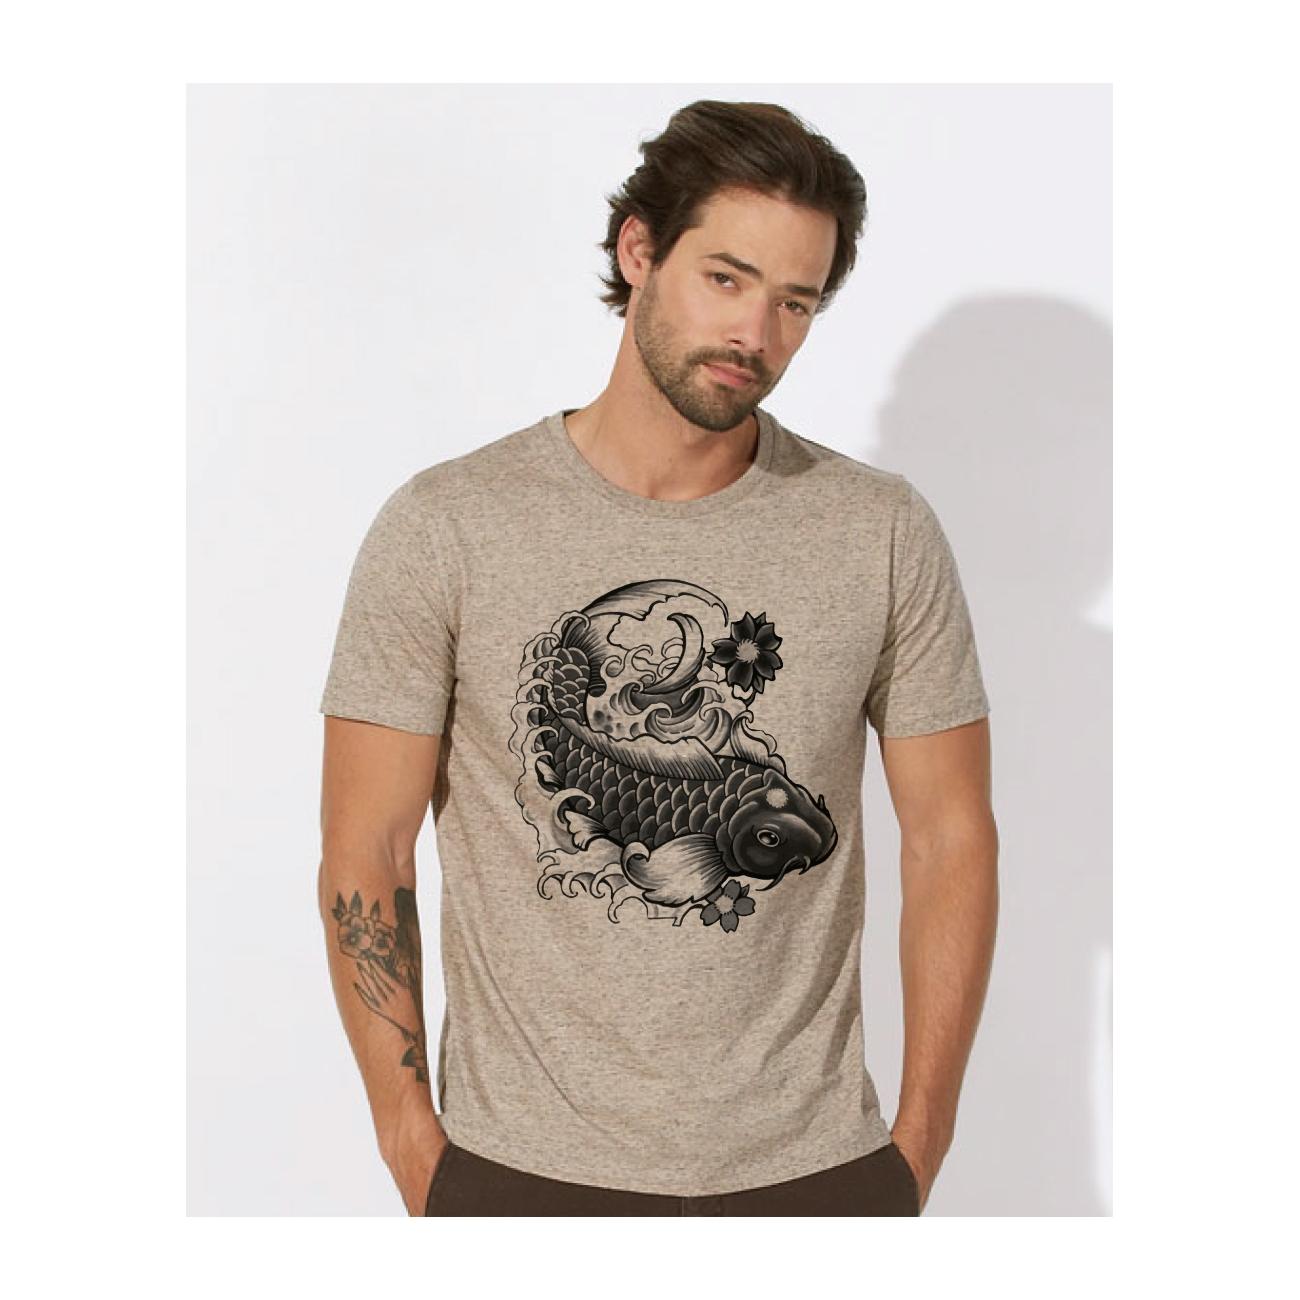 tee shirt homme 100 coton bio doux quitable beau beige chin imprim ide japonais leads. Black Bedroom Furniture Sets. Home Design Ideas